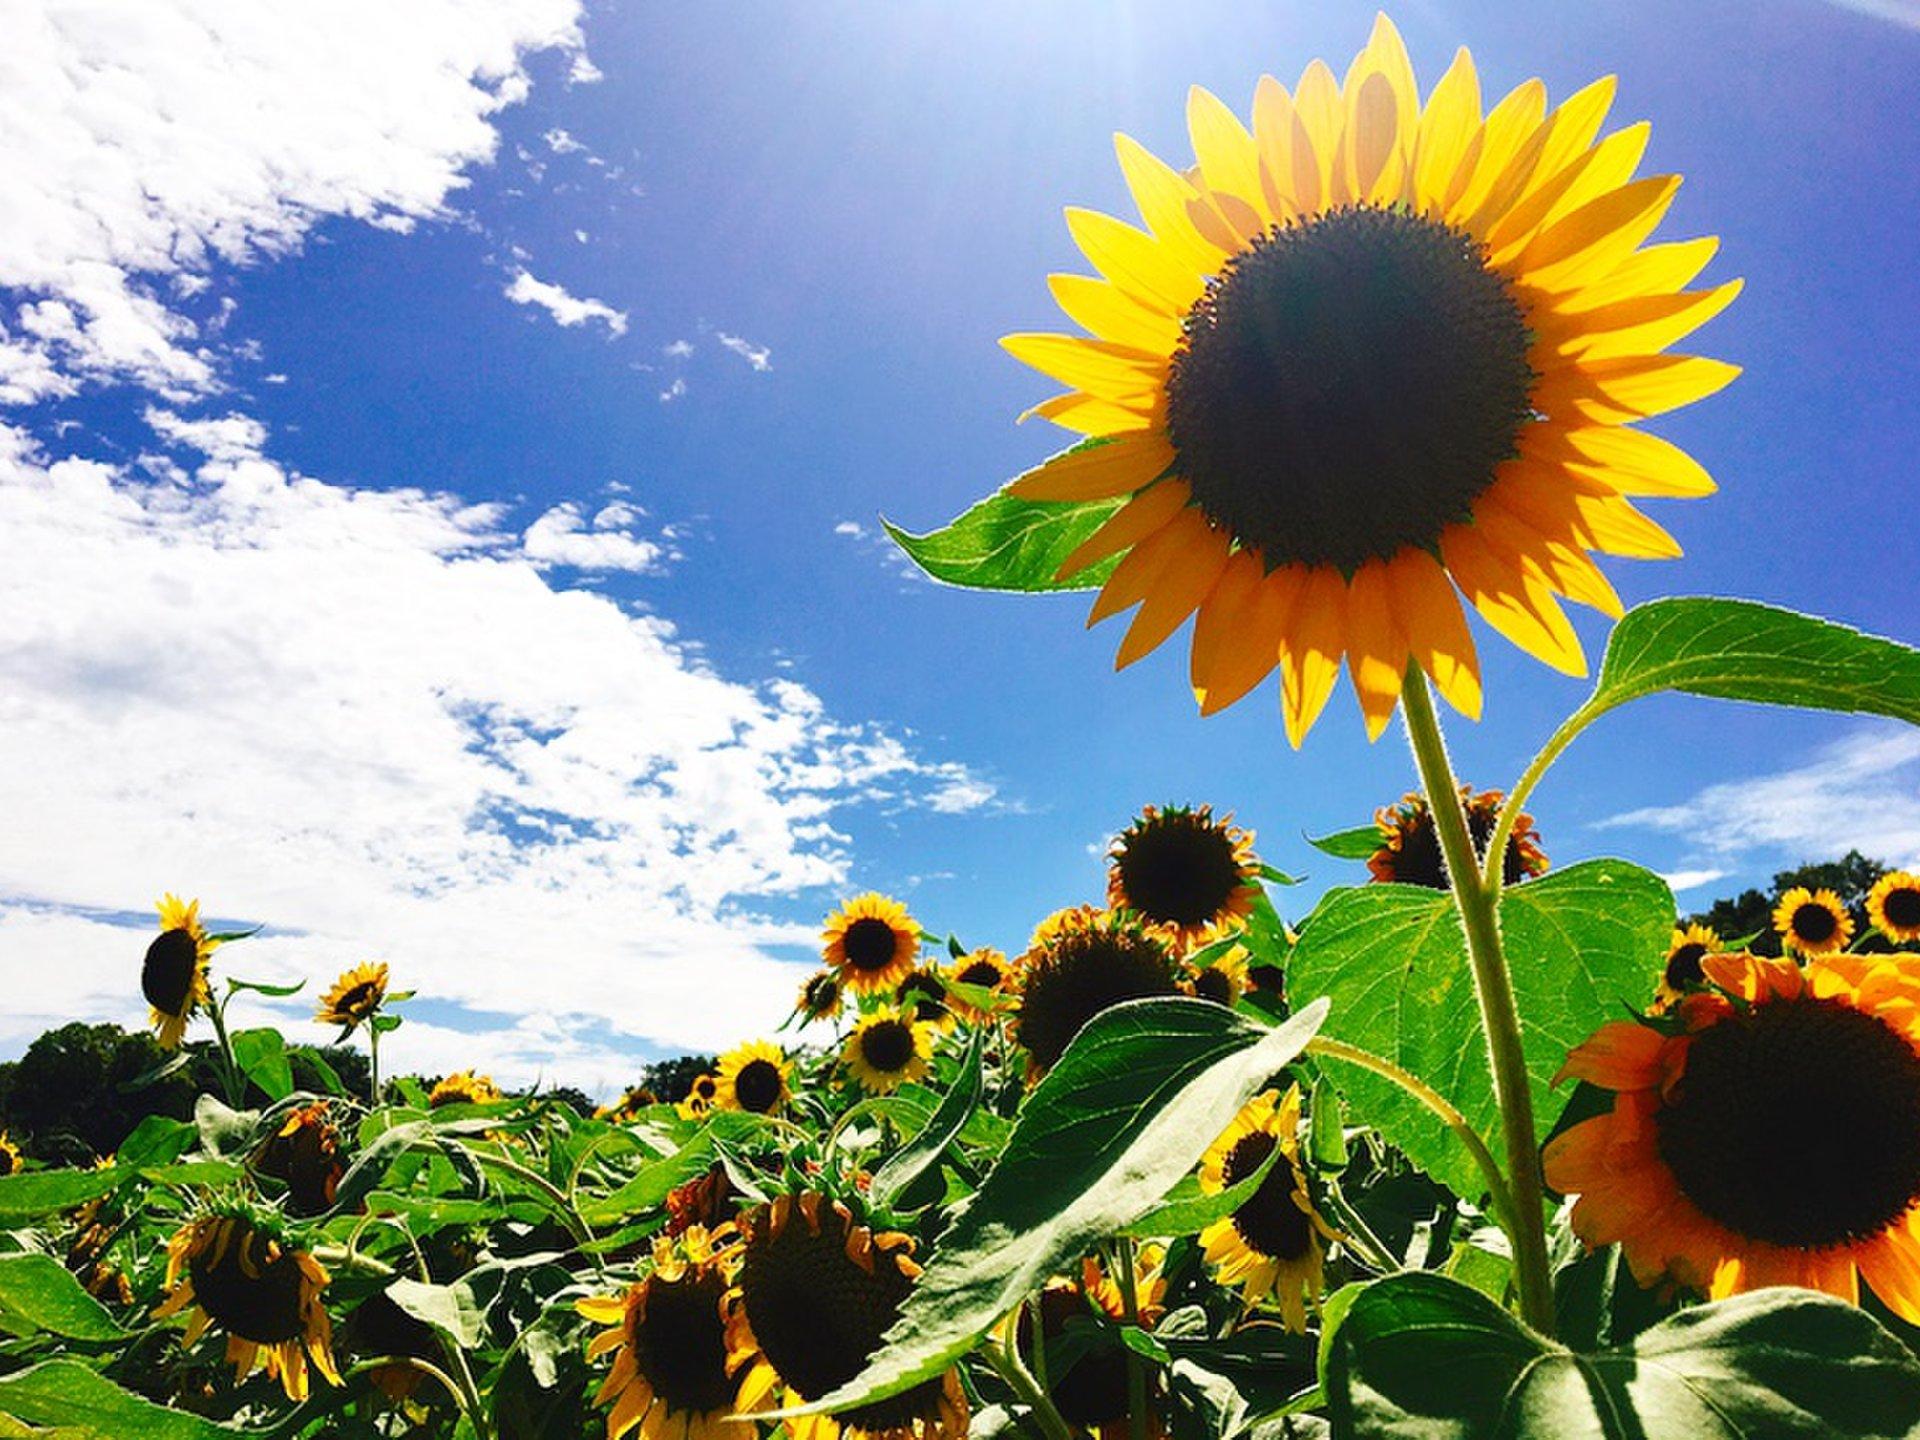 このスケールで無料?信じられない!夏の向日葵がフォトジェニックを演出「あわじ花さじき」